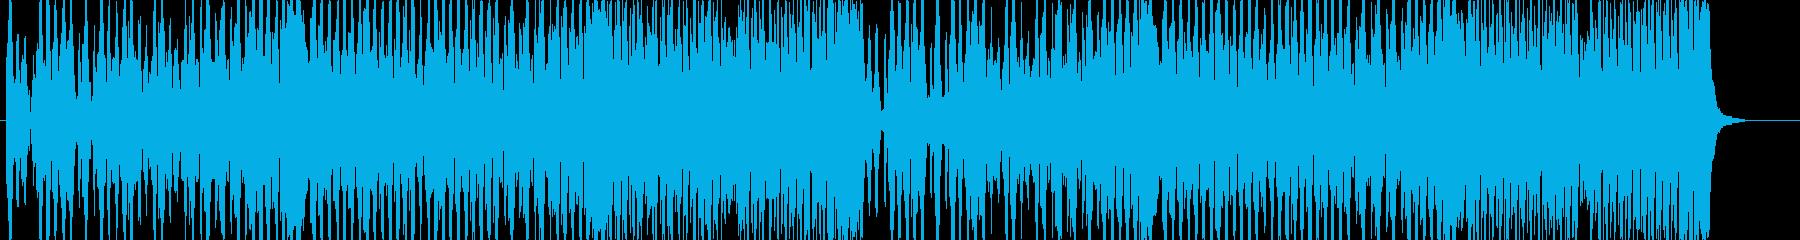 クリスマスEDM パリポこぞりての再生済みの波形